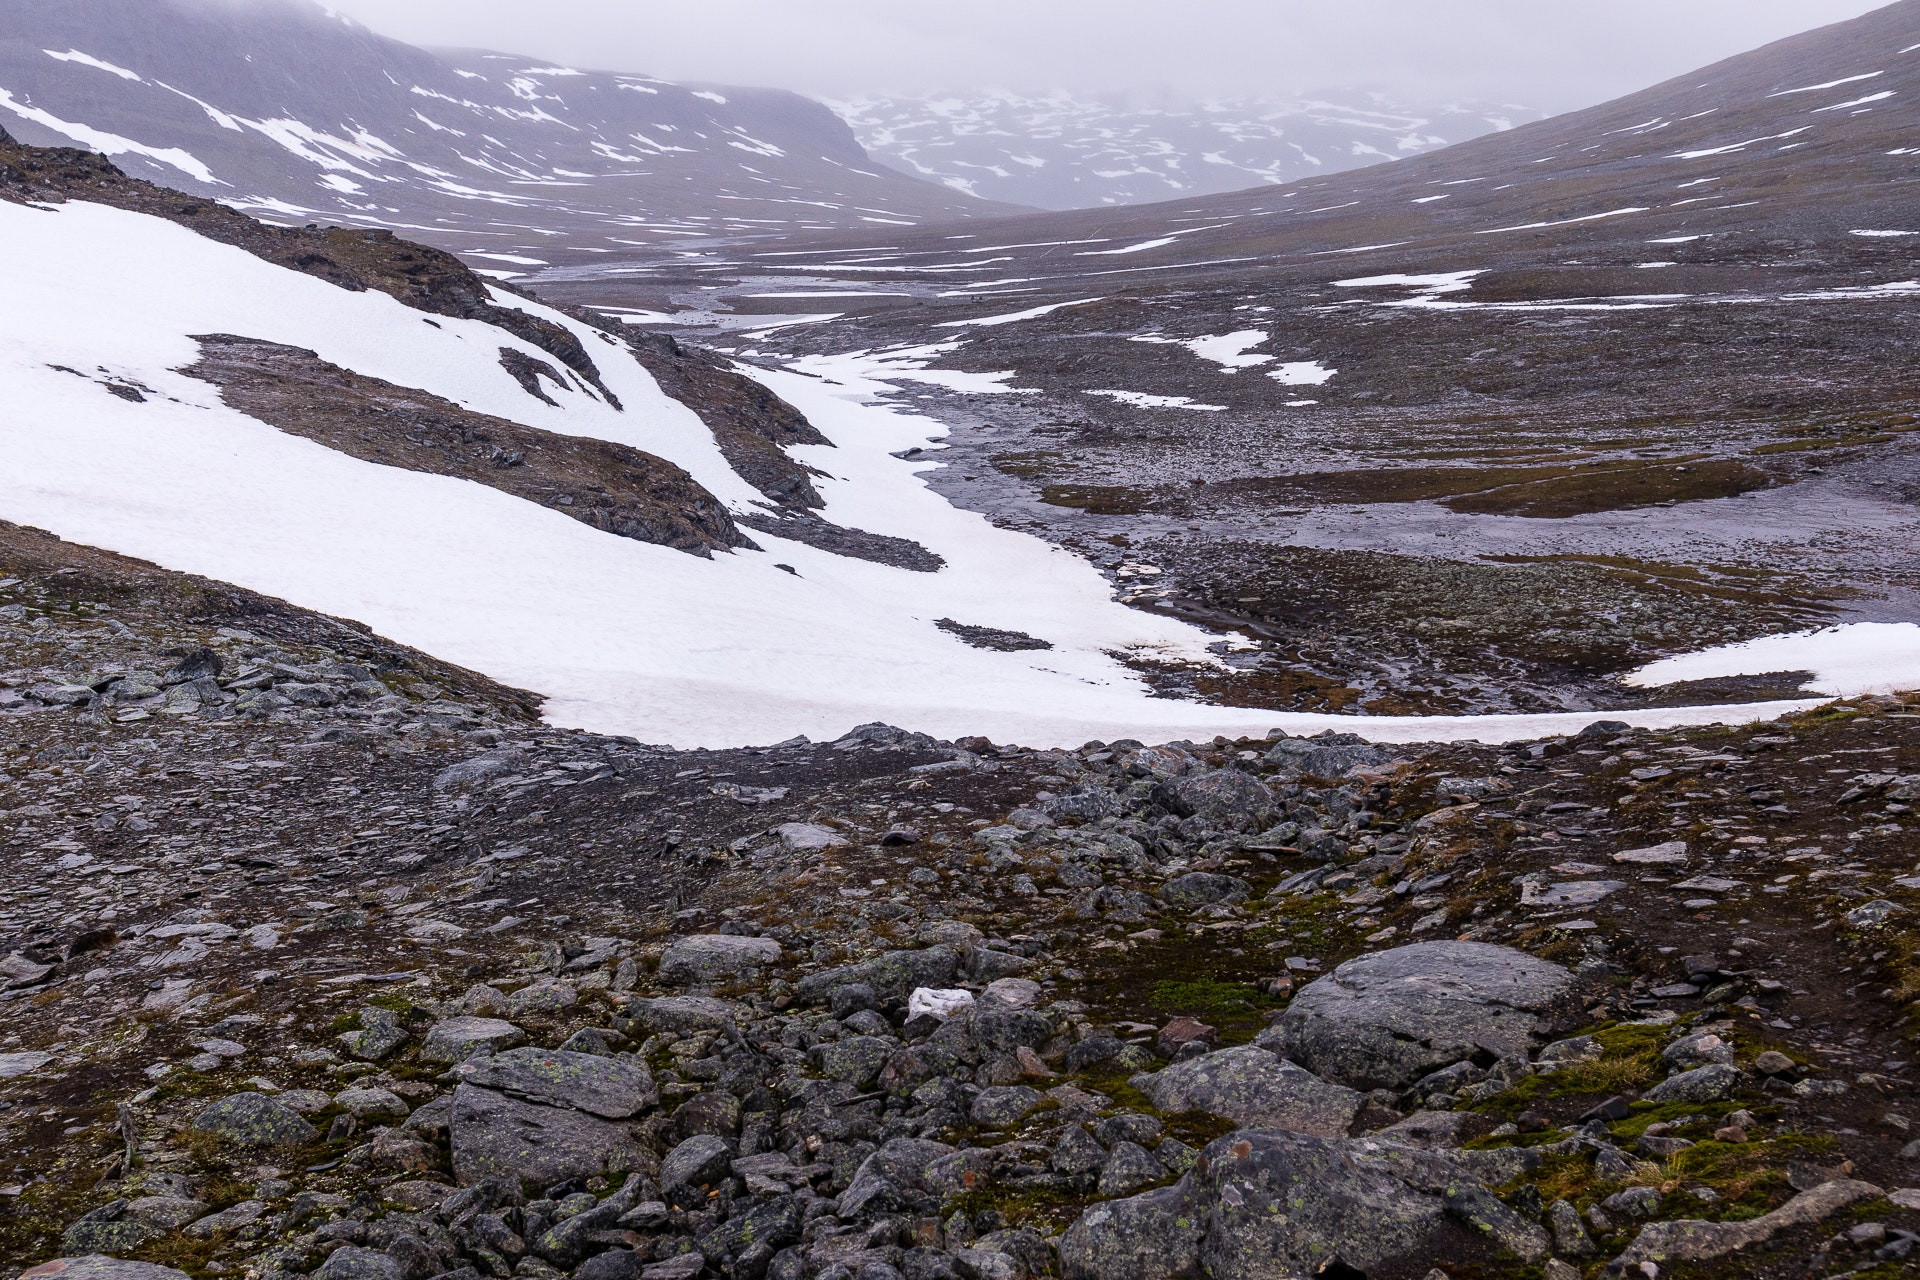 Looking back towards Tjäktastugan from the summit climb